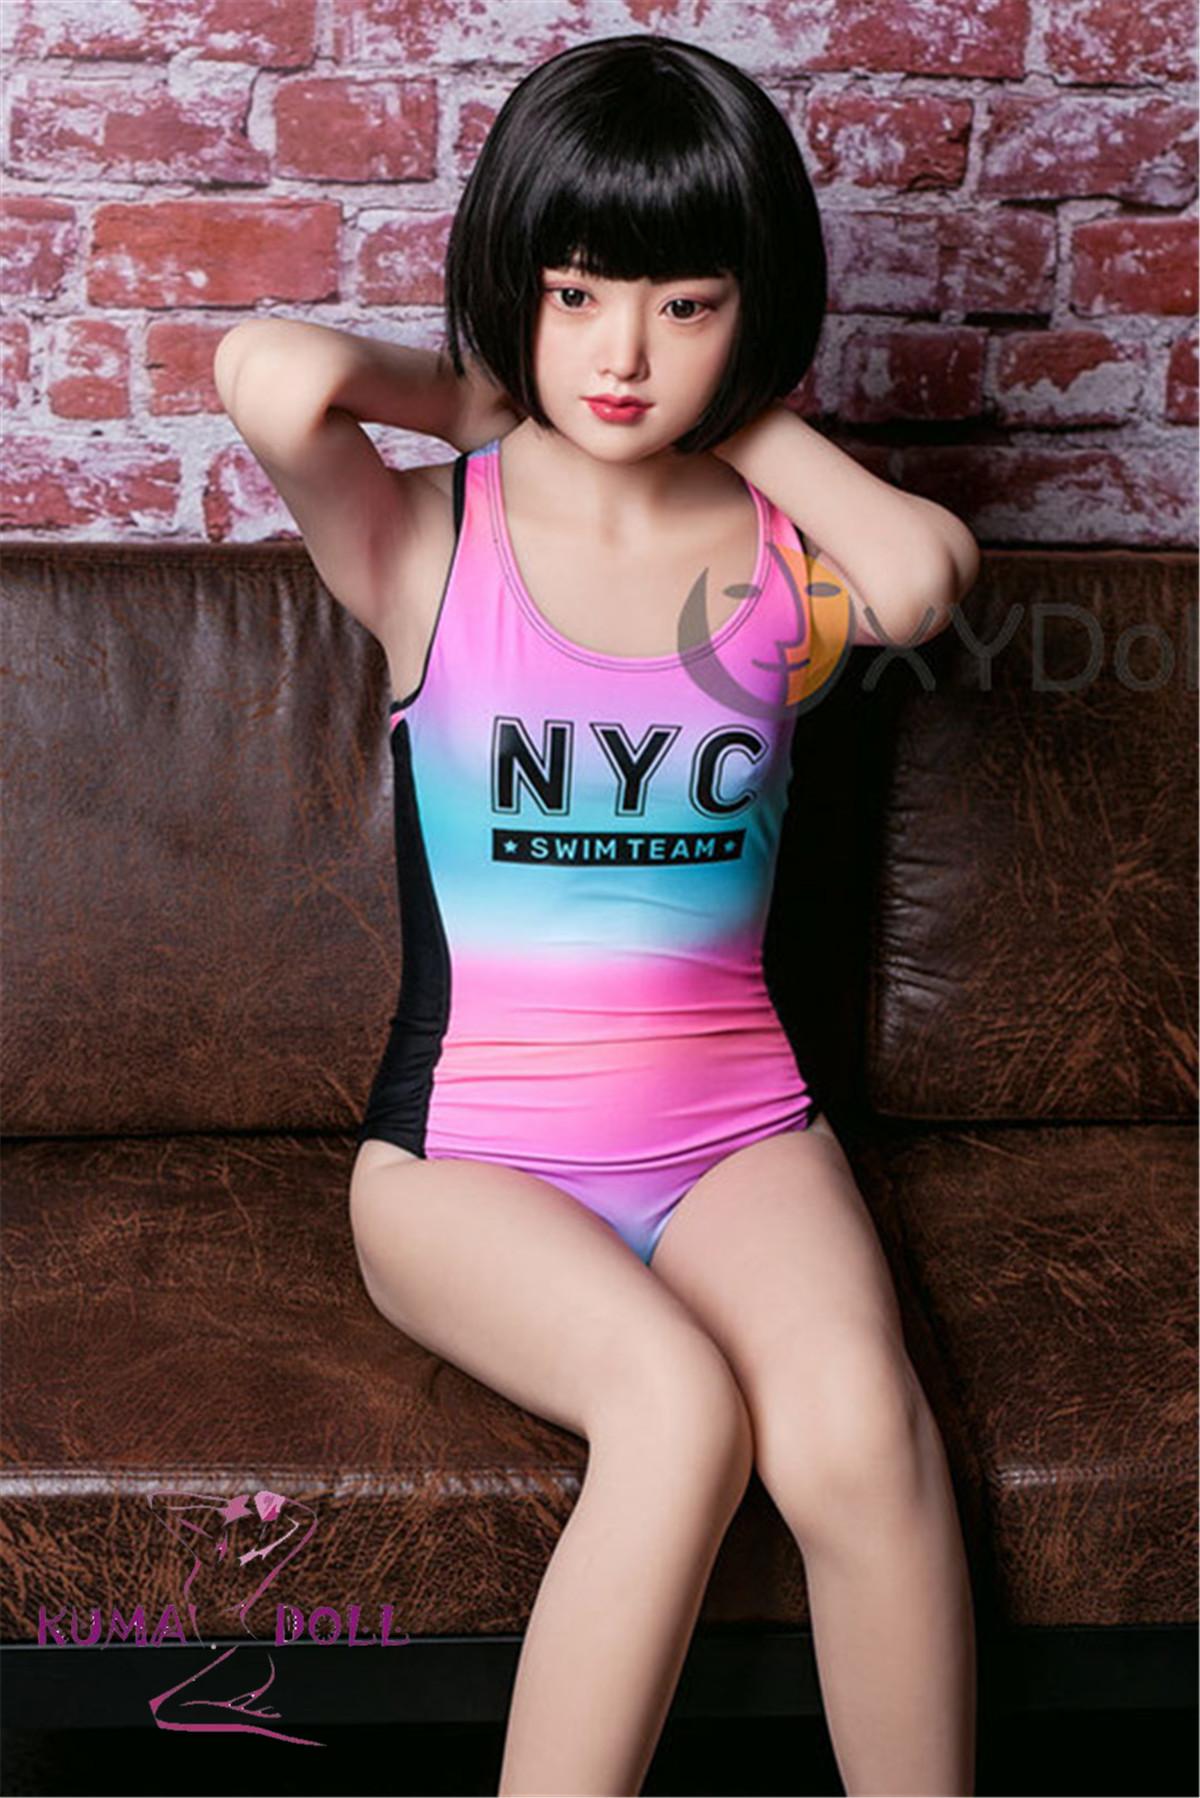 リアル人形 ラブドール 138cm AAカップ貧乳  #5頭部 高級シリコン頭部+TPE材質ボディ 身長など選べる XYDOLL